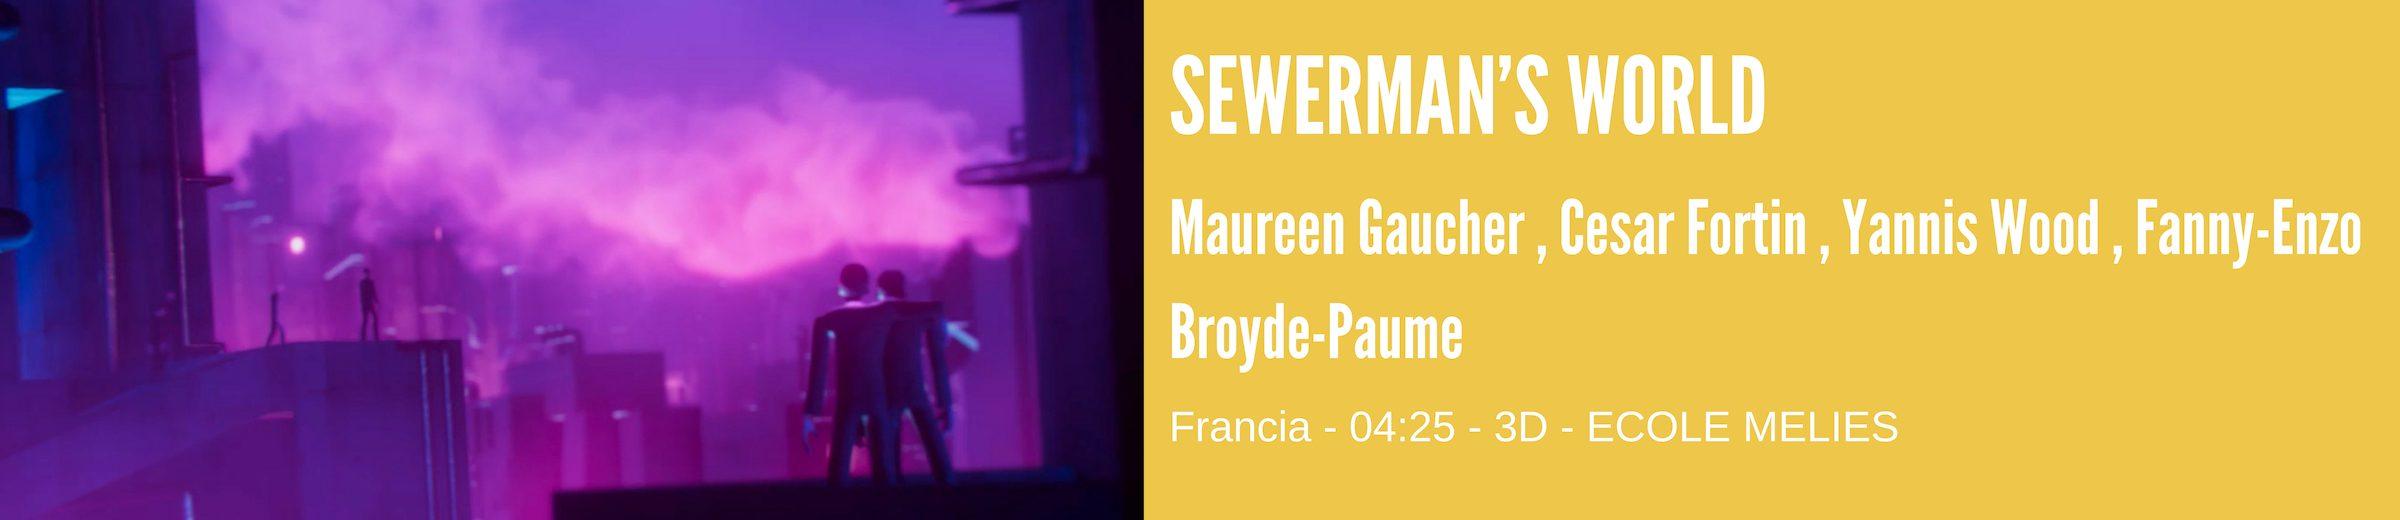 SEWERMAN S WORLD